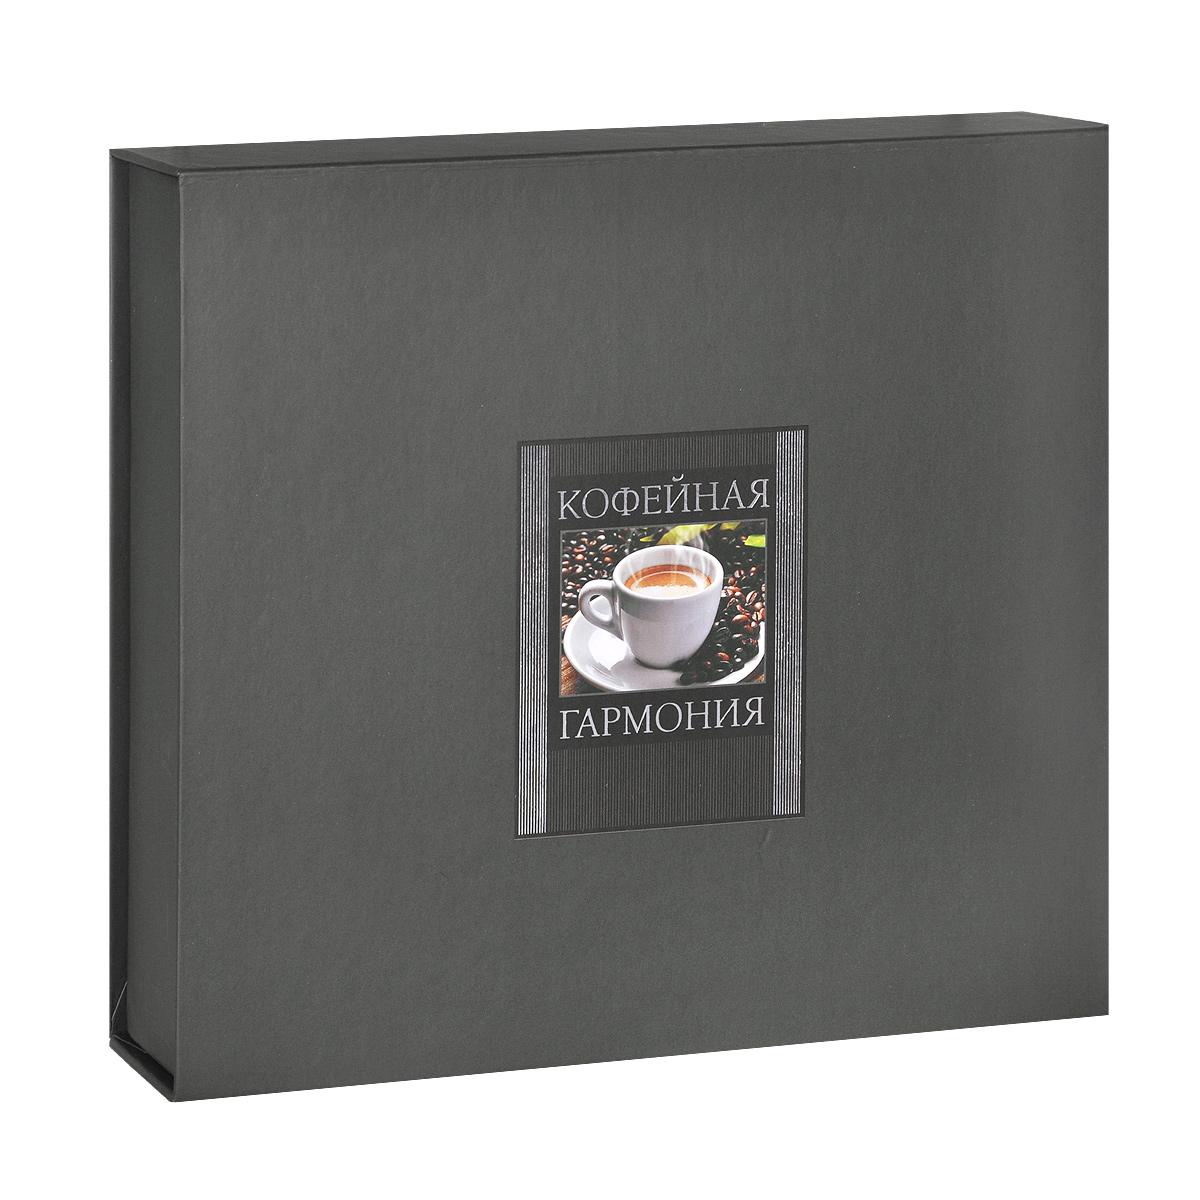 Кофейная гармония (подарочное издание + джутовый мешочек для хранения кофе) ( 978-5-904799-25-0 )